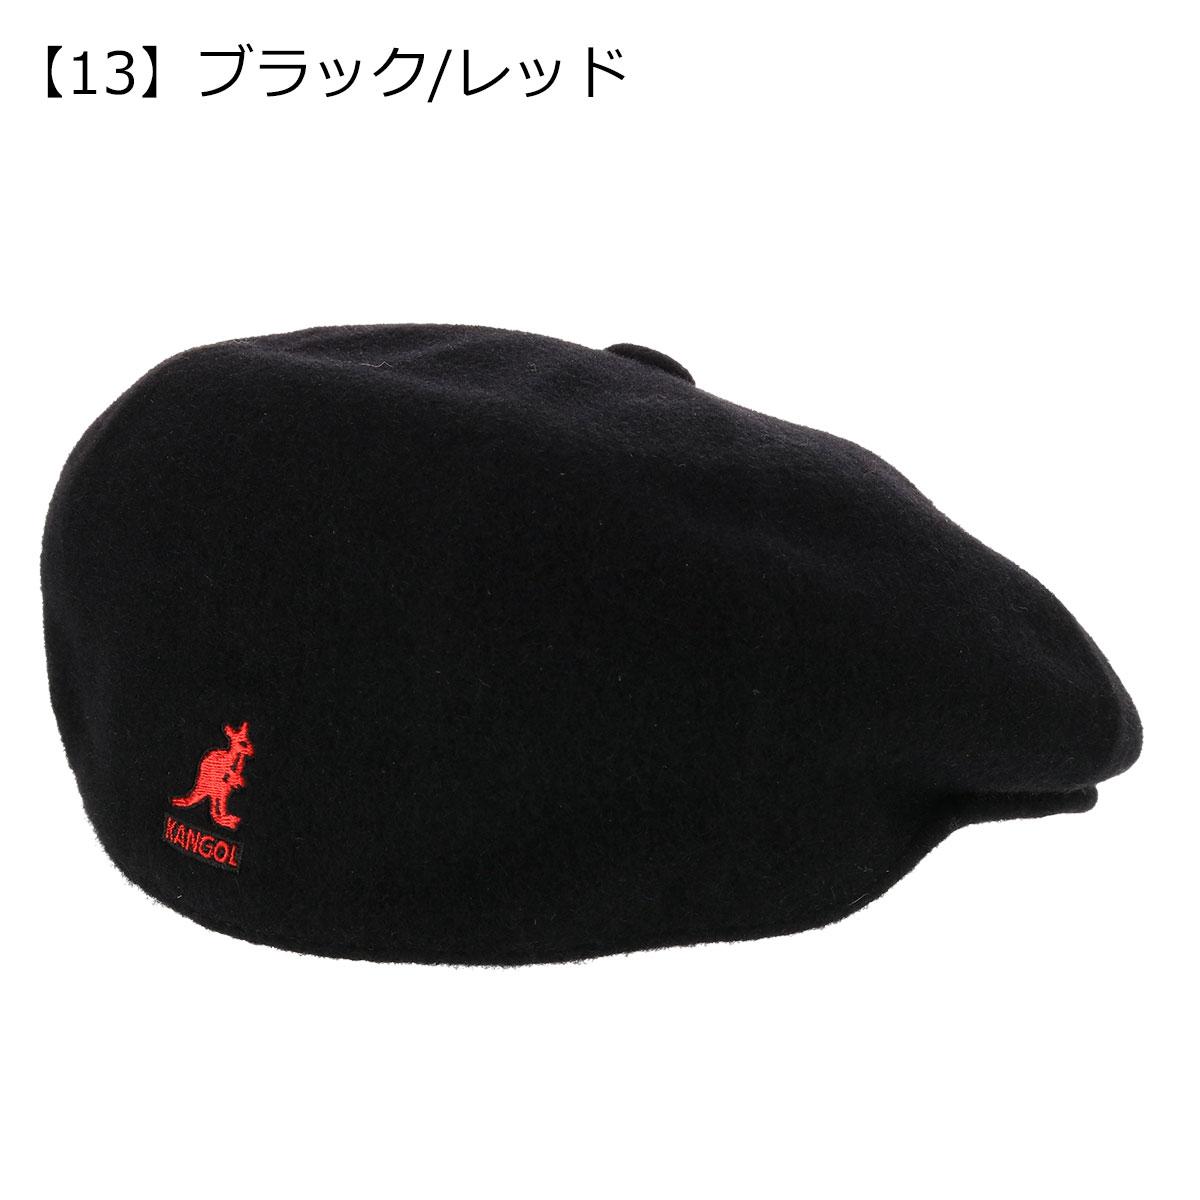 【13】ブラック/レッド